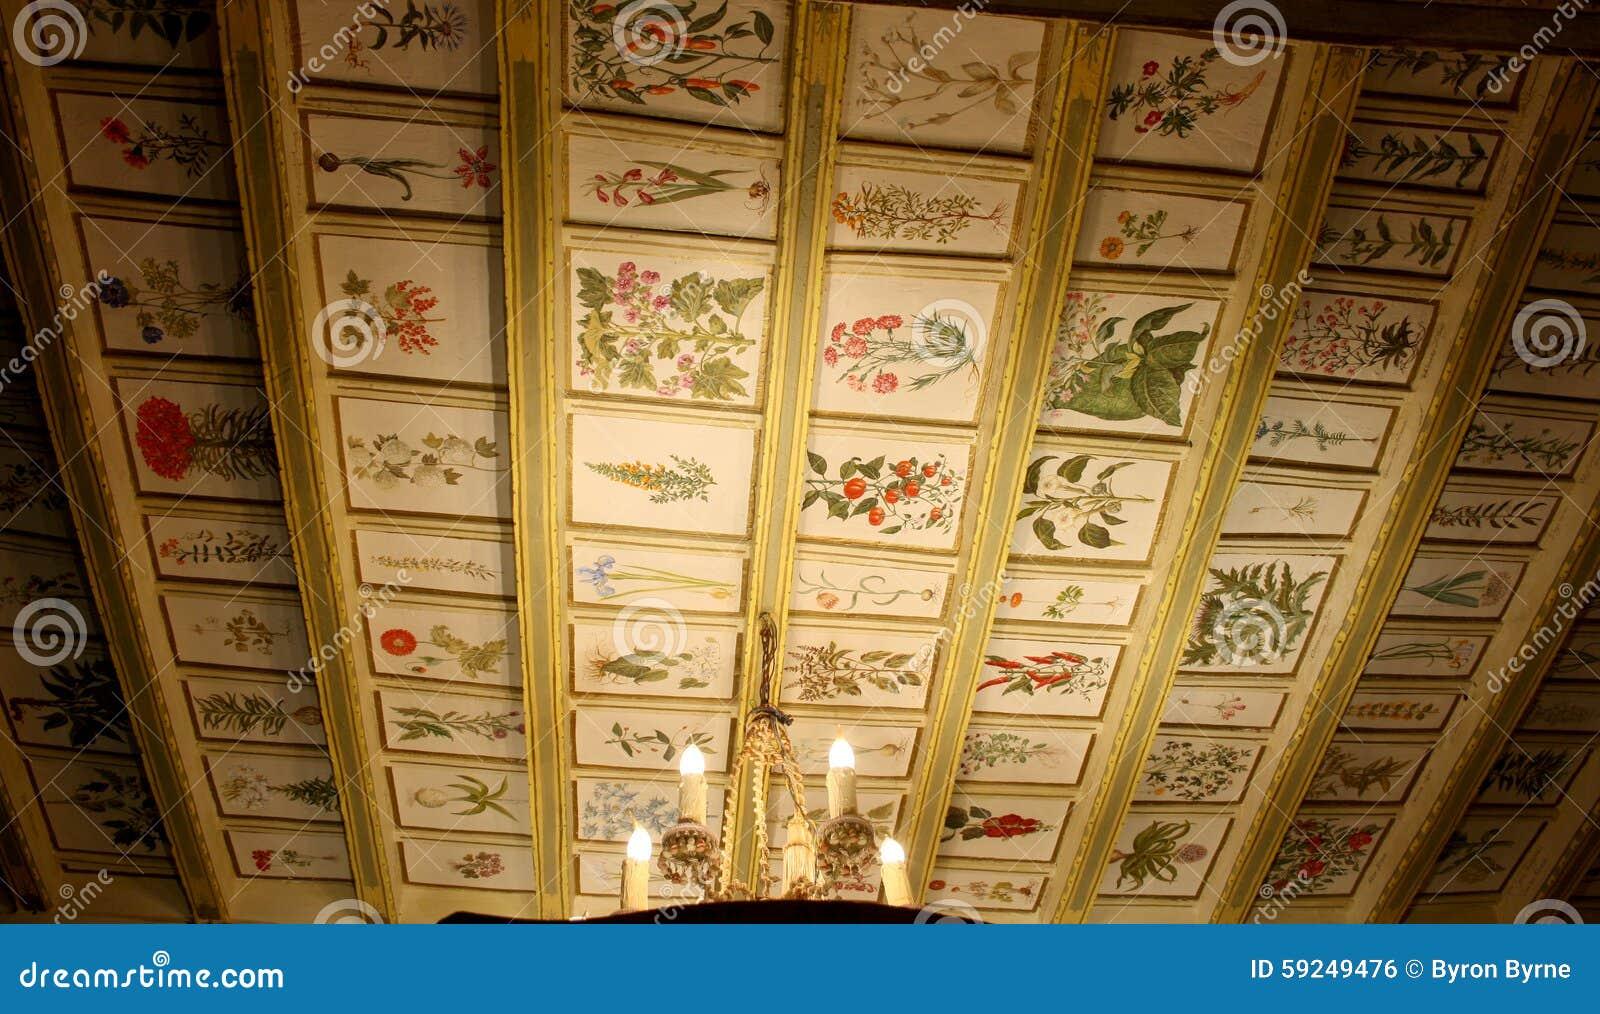 Las ilustraciones medievales en un techo se encendieron por luz de una vela